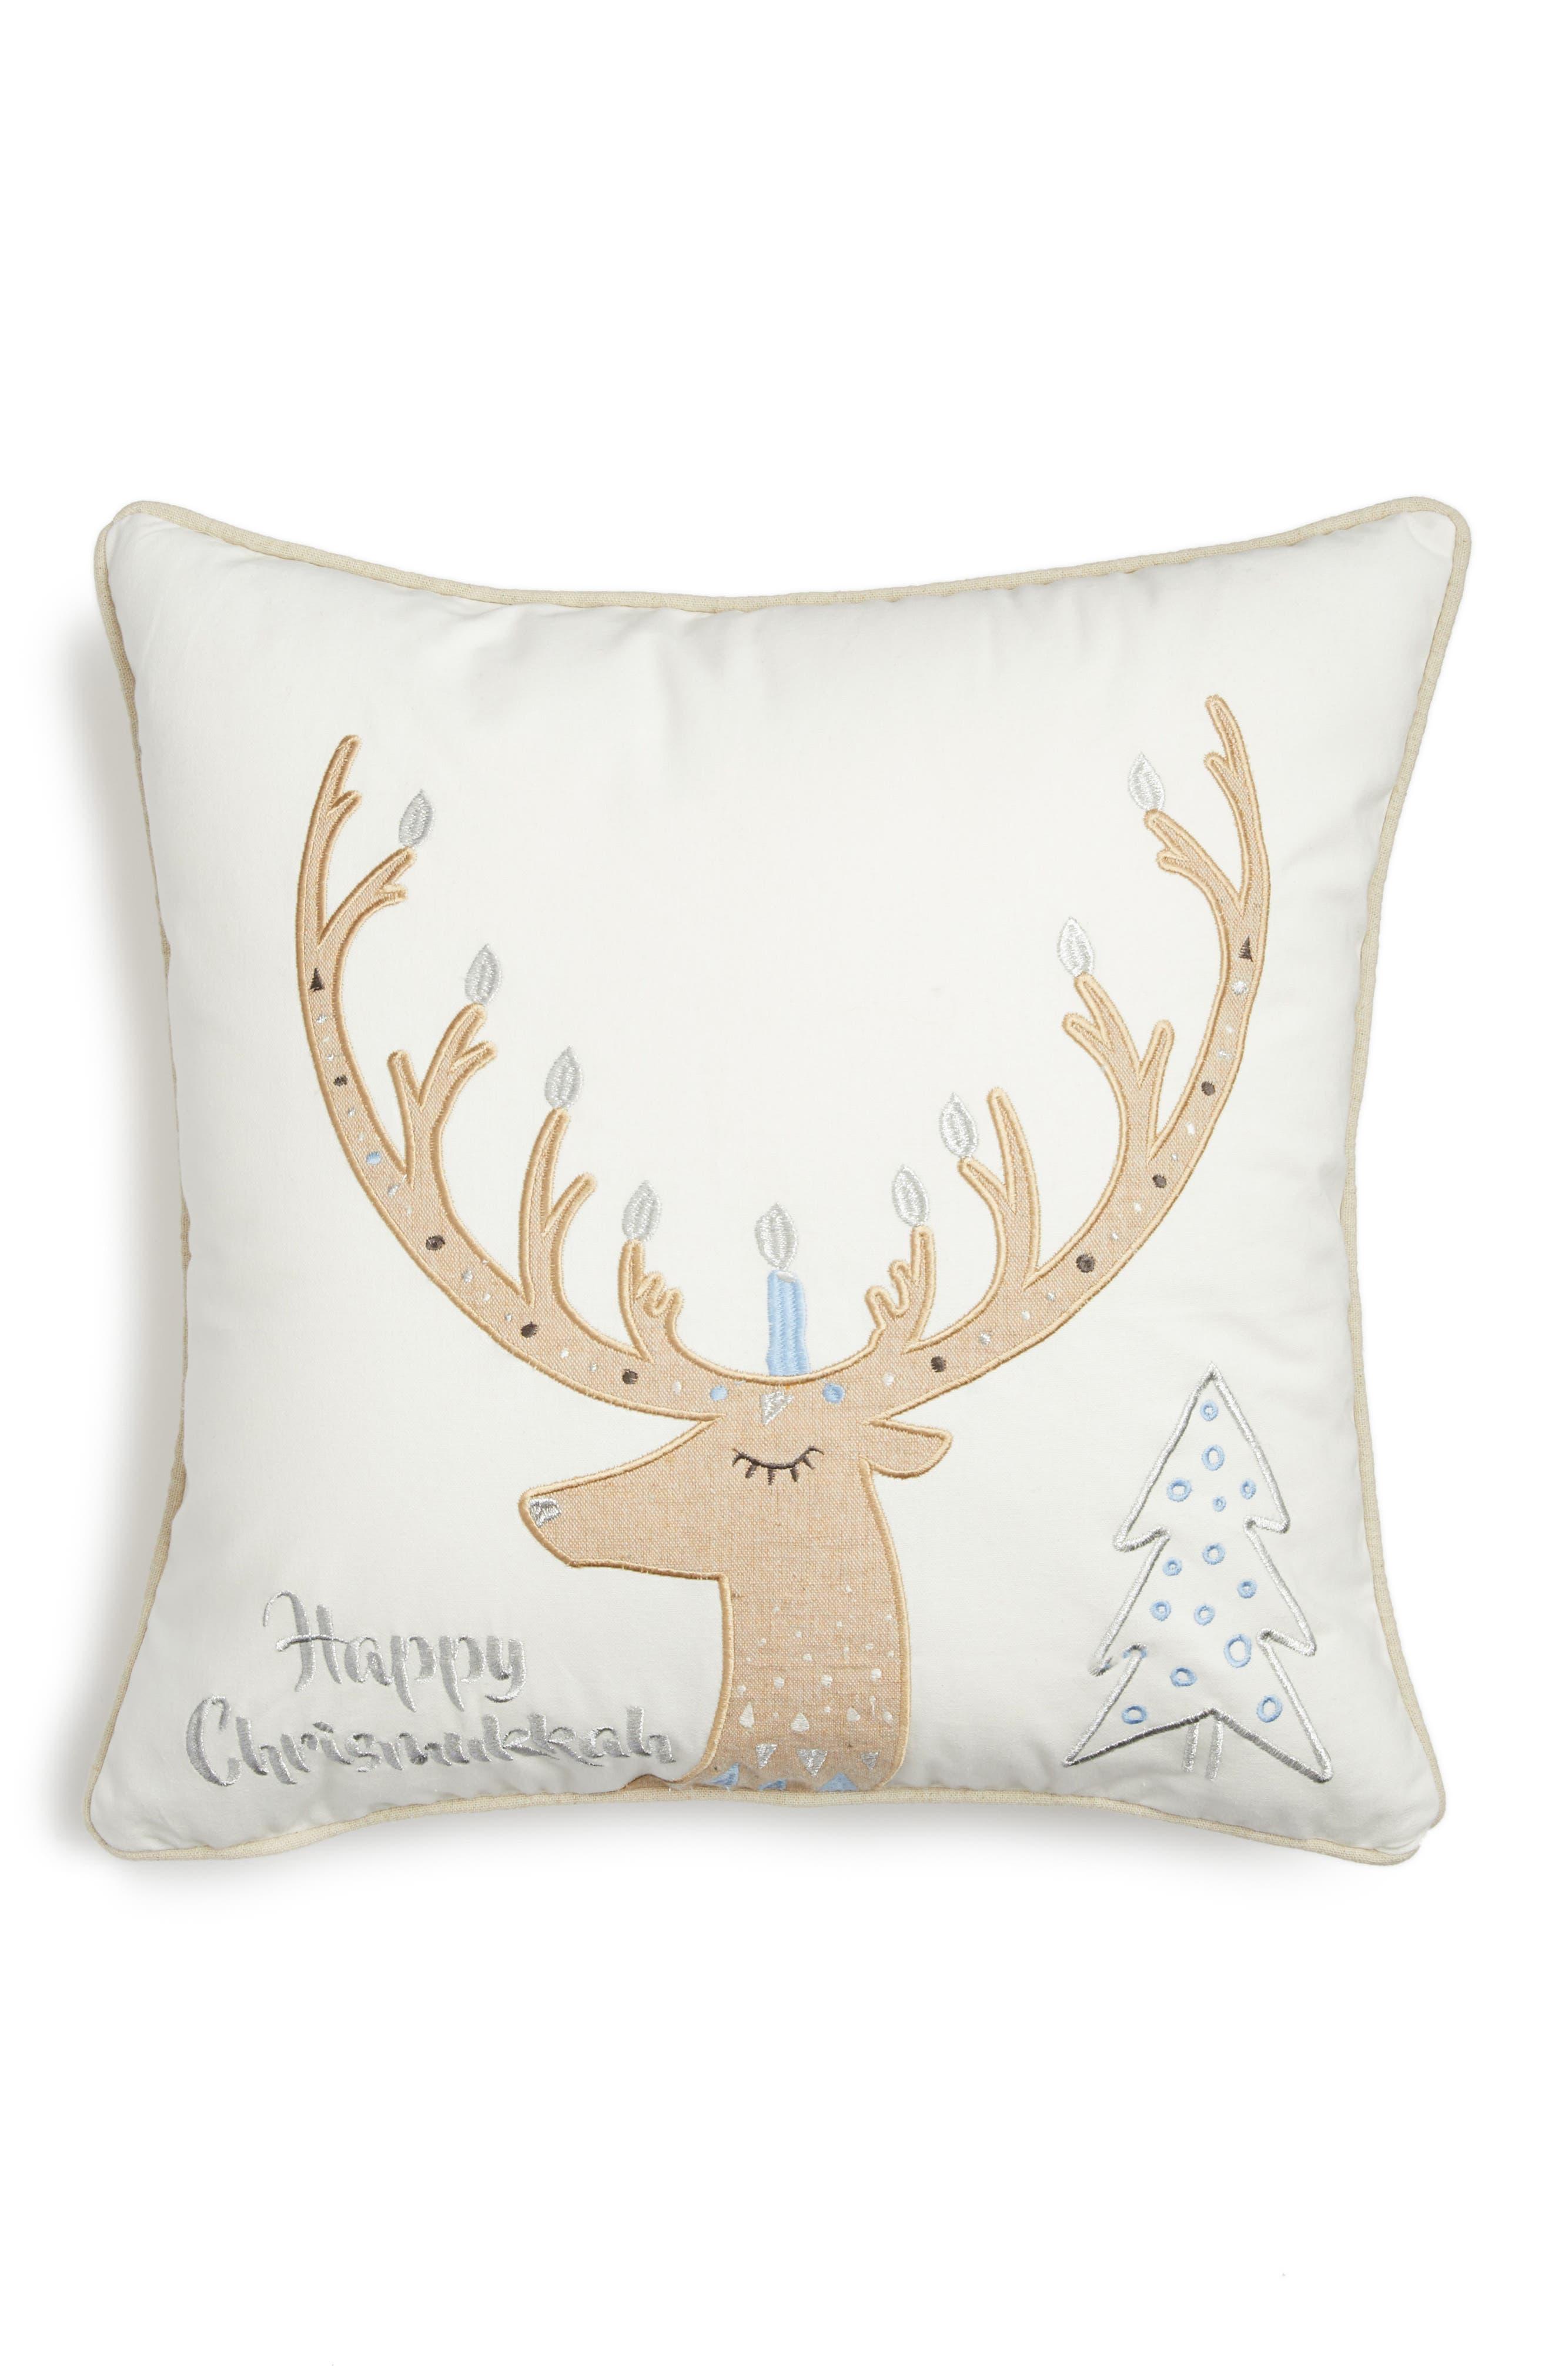 Levtex Happy Chrismukkah Accent Pillow